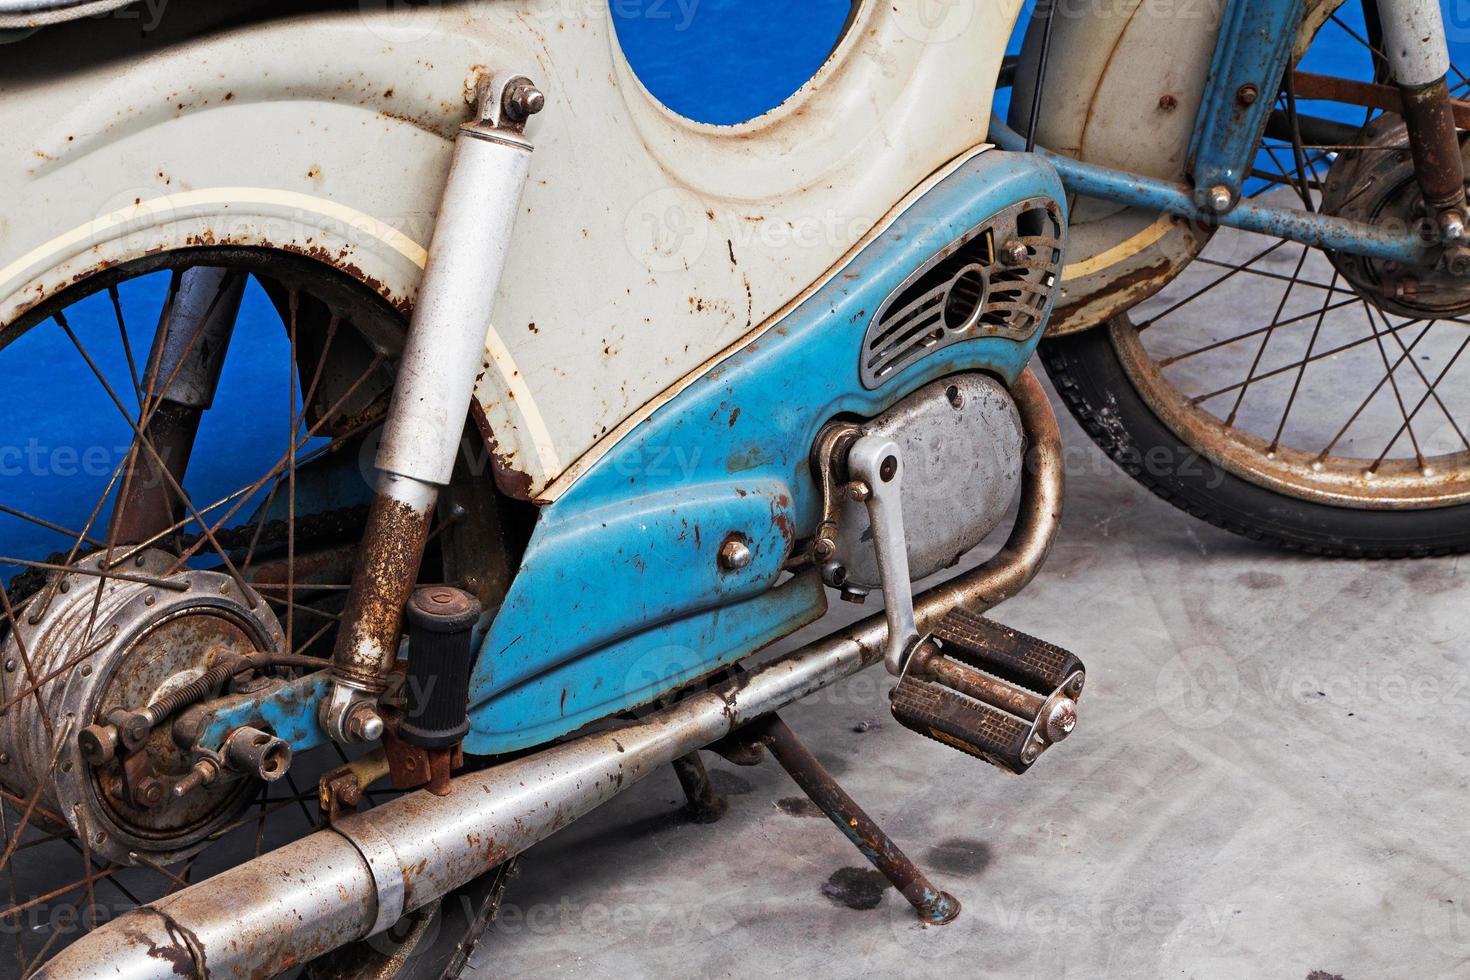 detalj av rostig gammal motorcykel foto